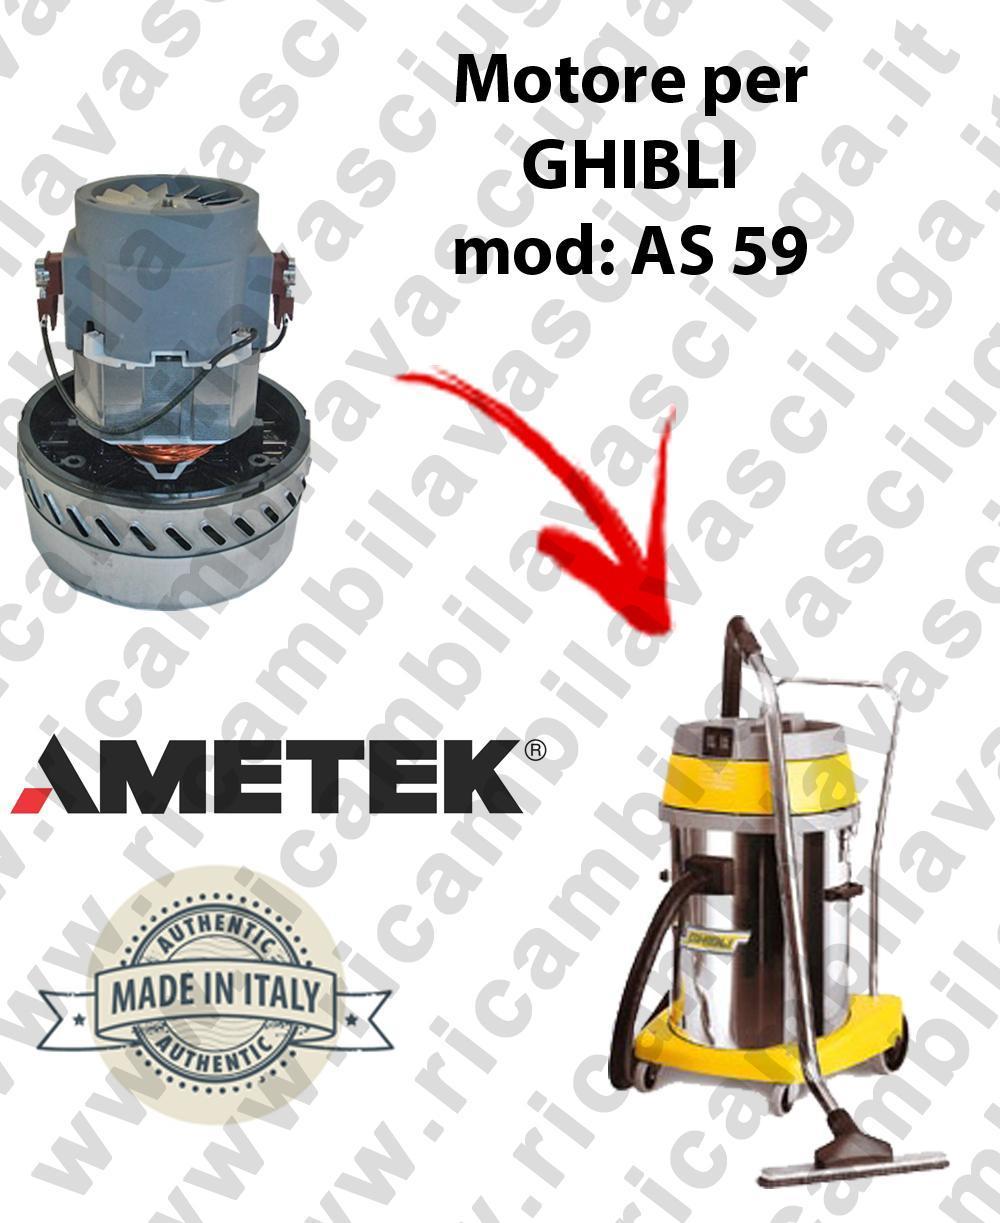 AS59 Saugmotor AMETEK für Staubsauger und Trockensauger GHIBLI